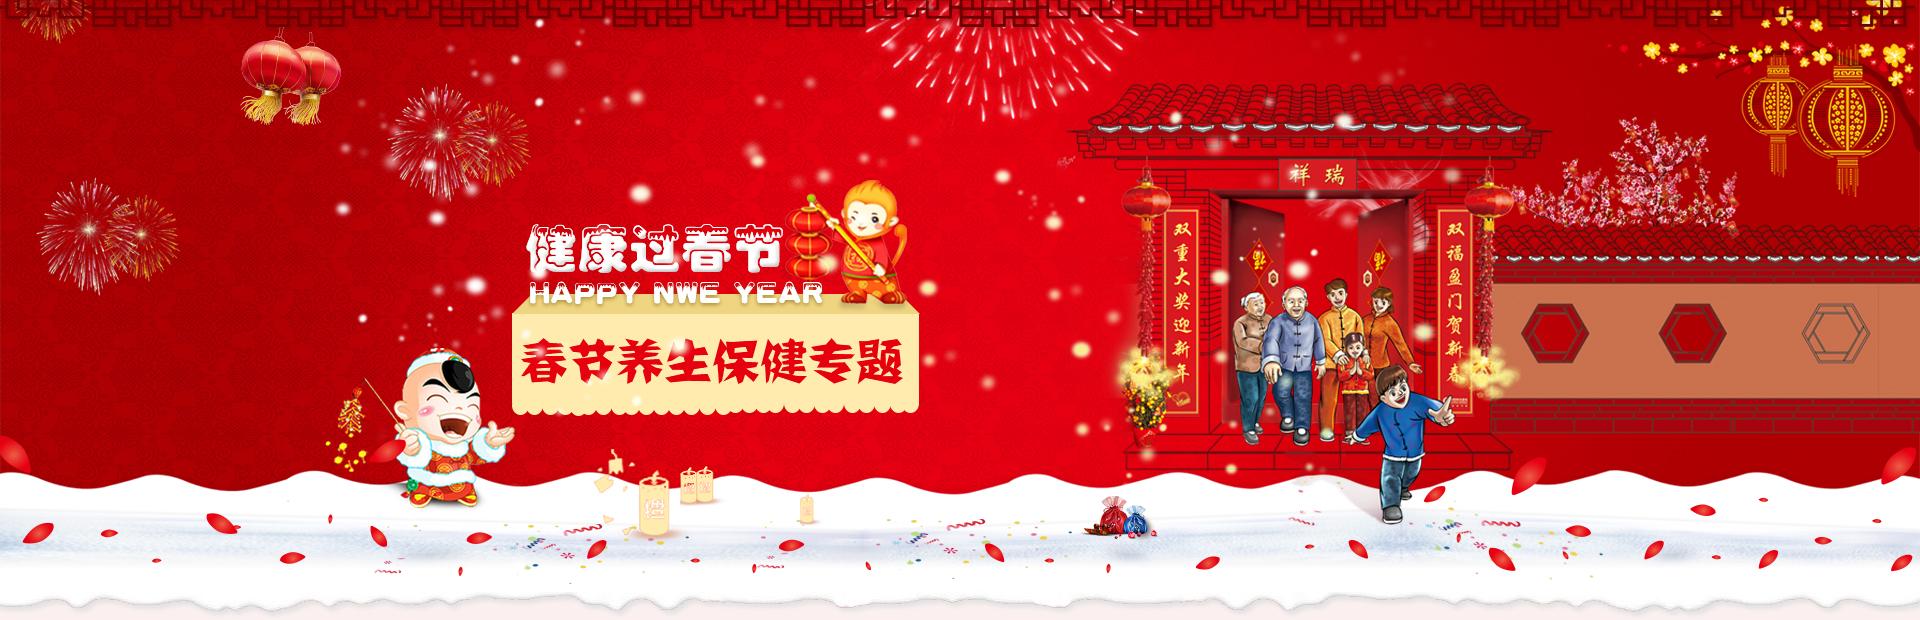 2016春节 春节吃什么 春节习俗